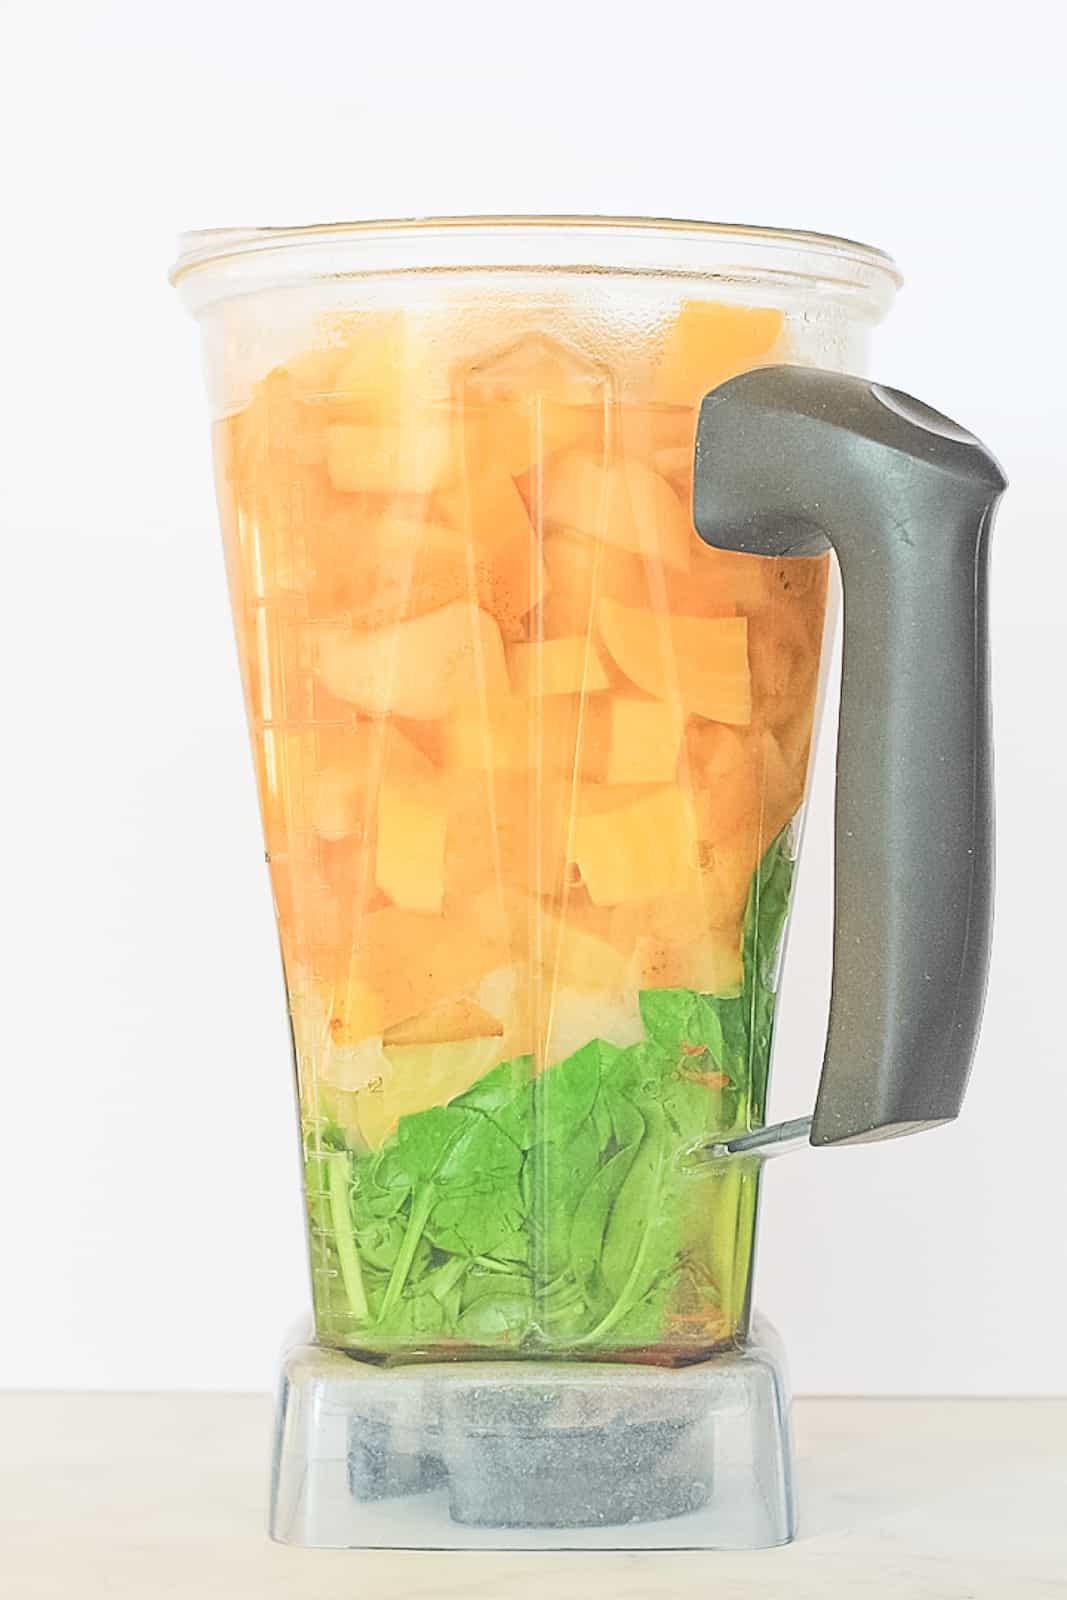 Vegetable applesauce in the blender.